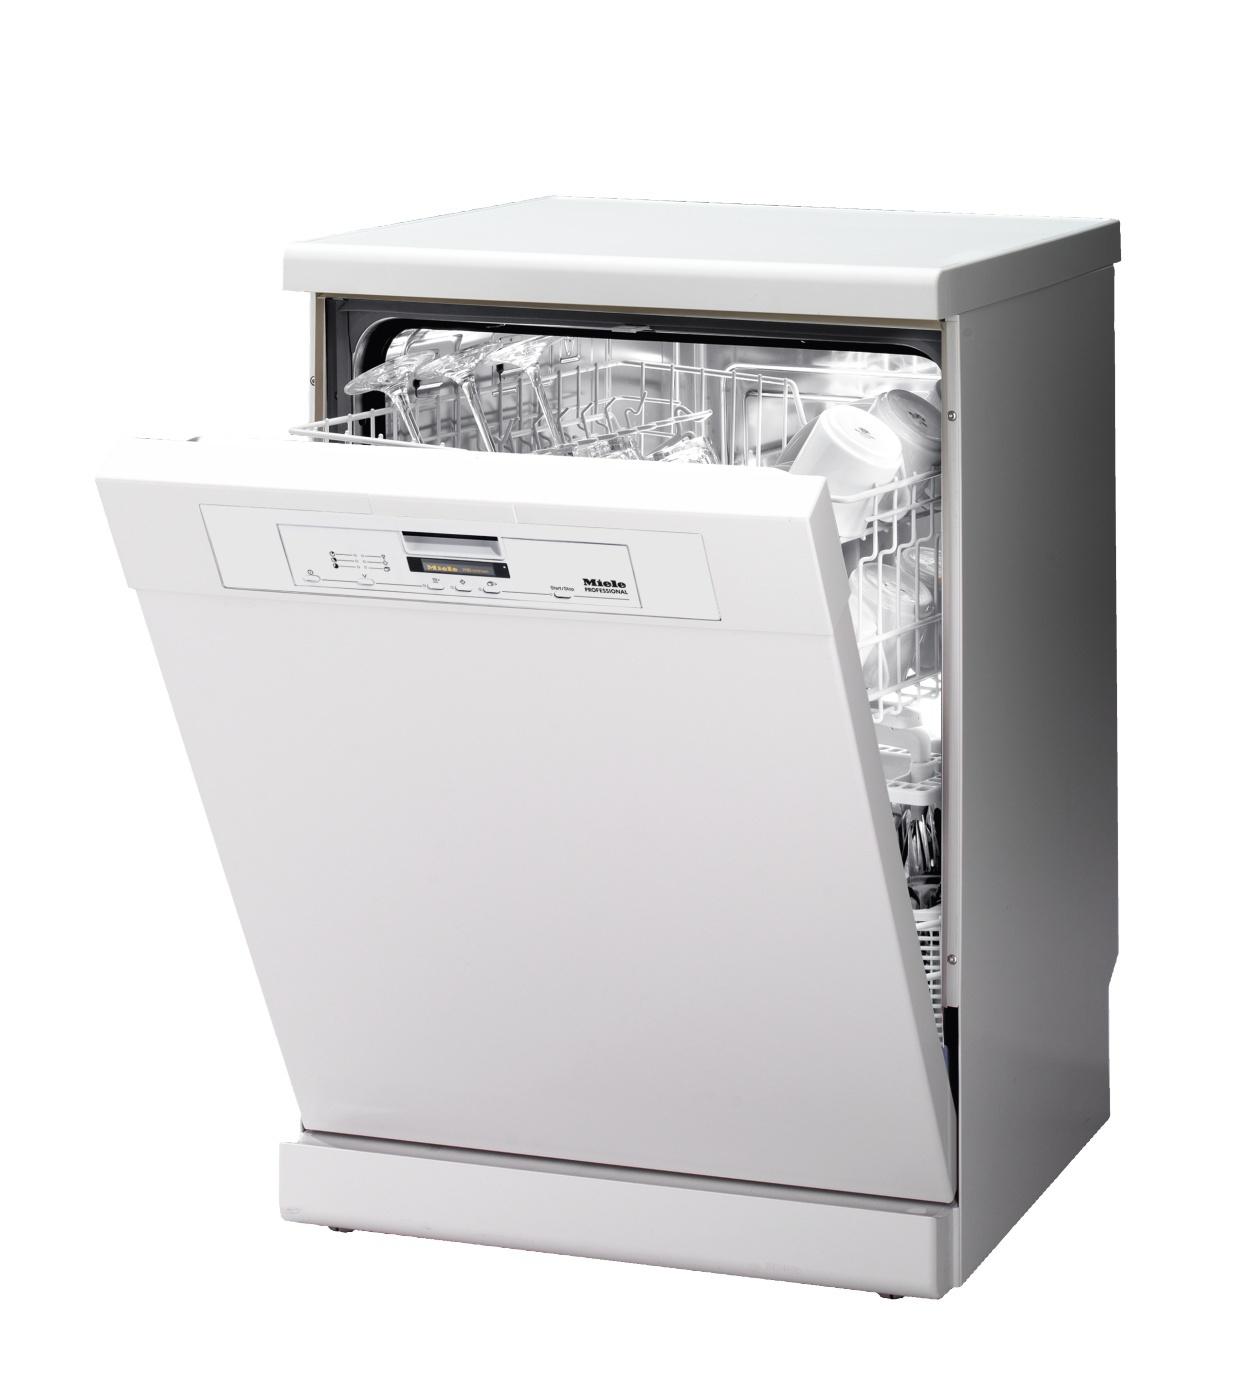 Miele посудомоечная машина инструкция